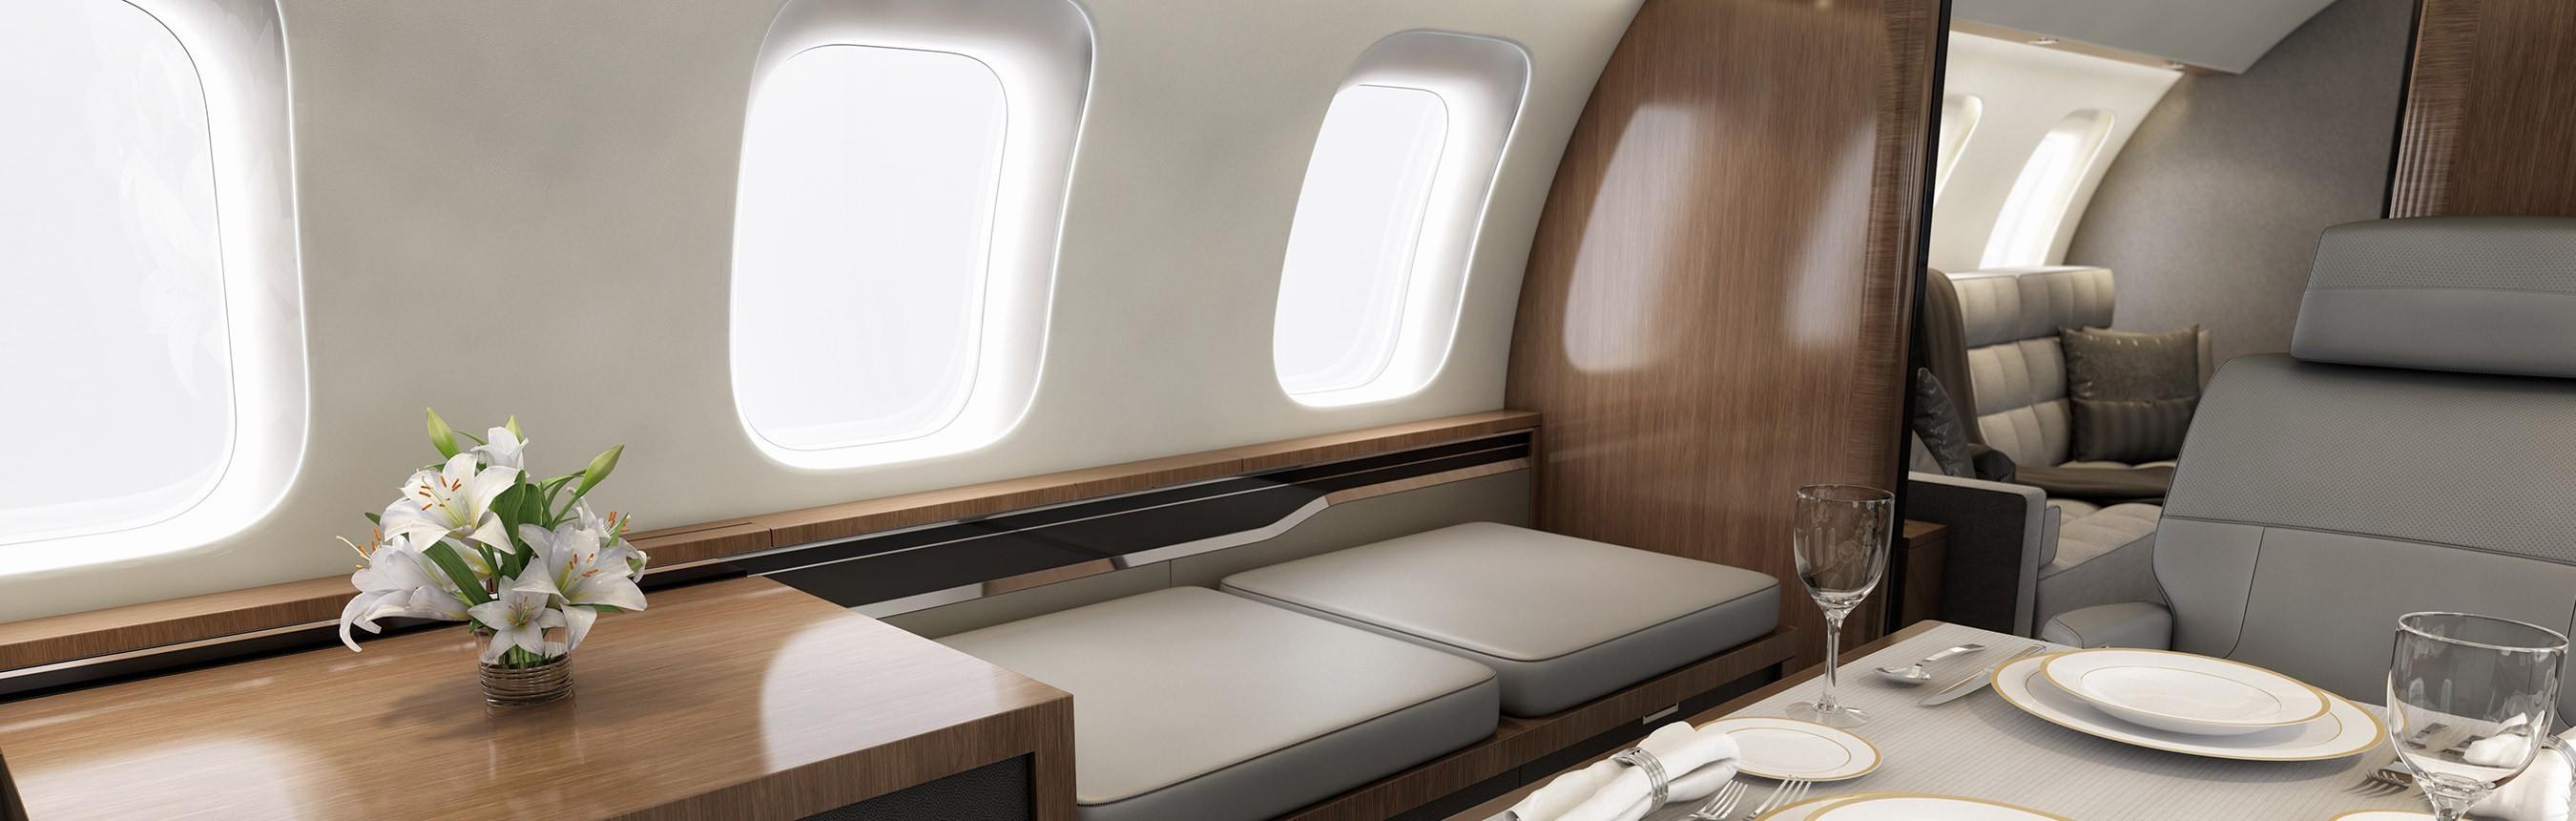 Global 8000 cabin